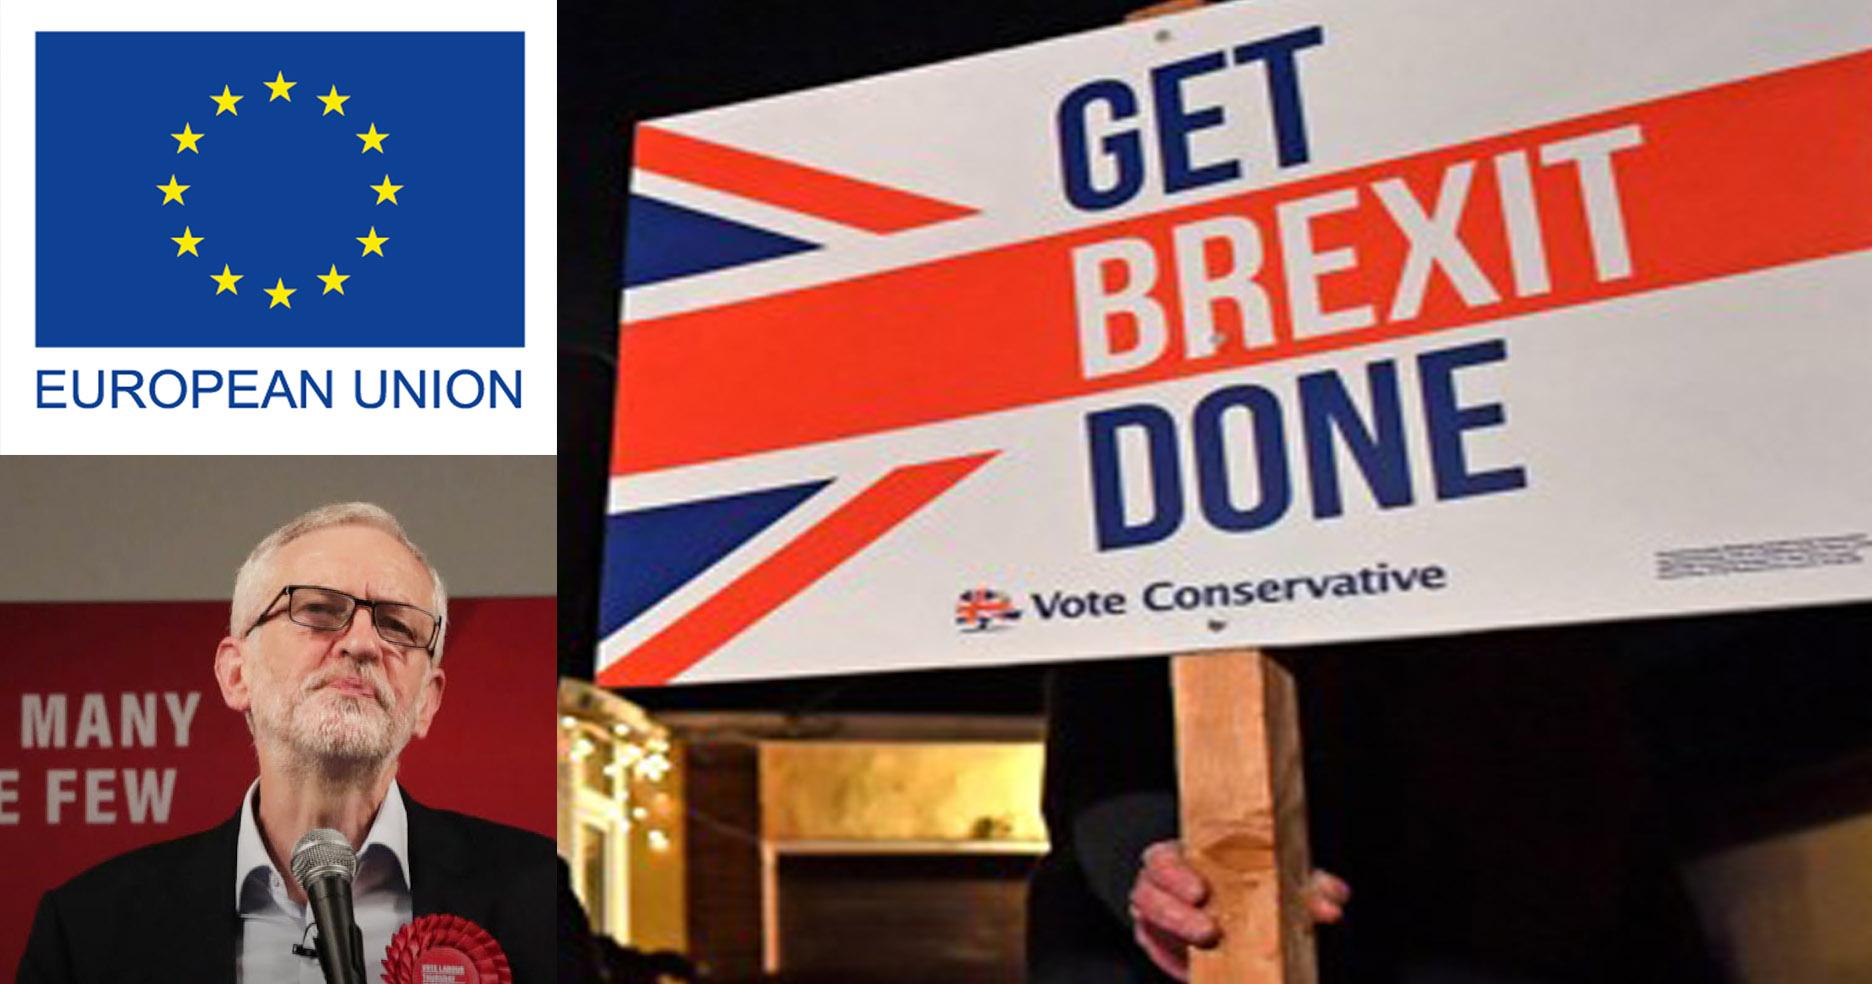 बोरिस जॉन्सन, निवडणुक, कॉन्झर्व्हेटिव्ह पार्टी, ब्रेक्झिट, व्यापारी करार, लंडन, स्कॉटलंड